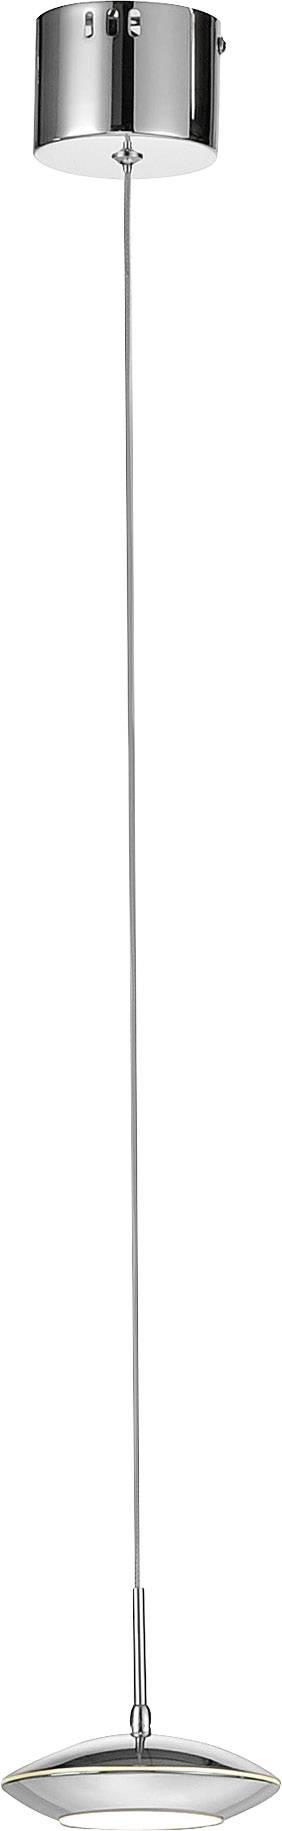 LED závesné osvetlenie Paul Neuhaus Tebutt 2701-17, 5 W, teplá biela, chróm